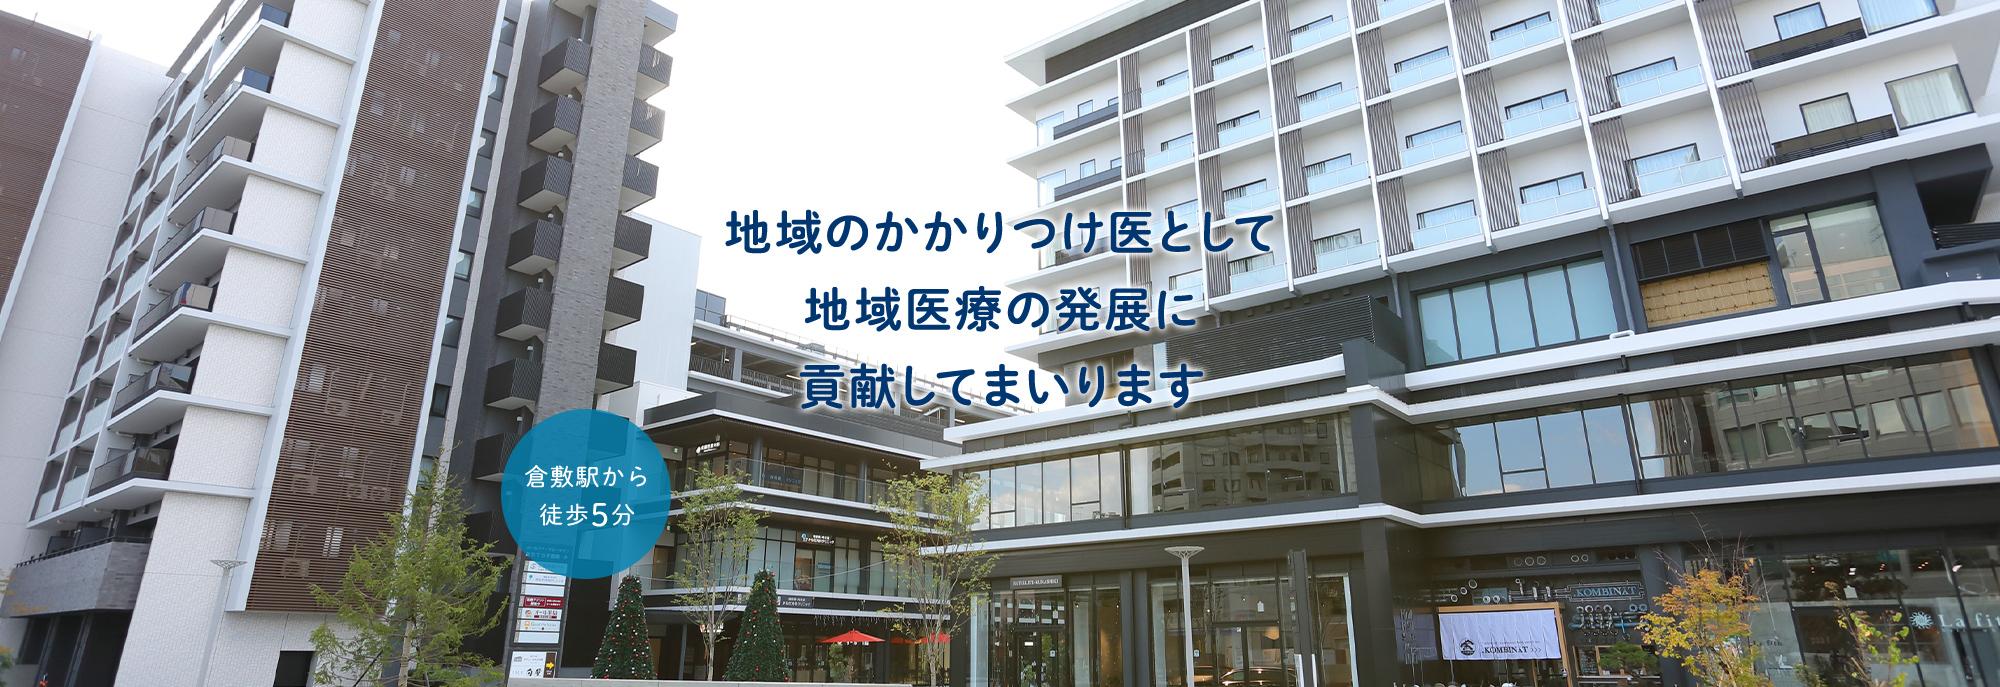 日本内視鏡学会専門医による苦しさと痛みに配慮した内視鏡検査をご提供します。